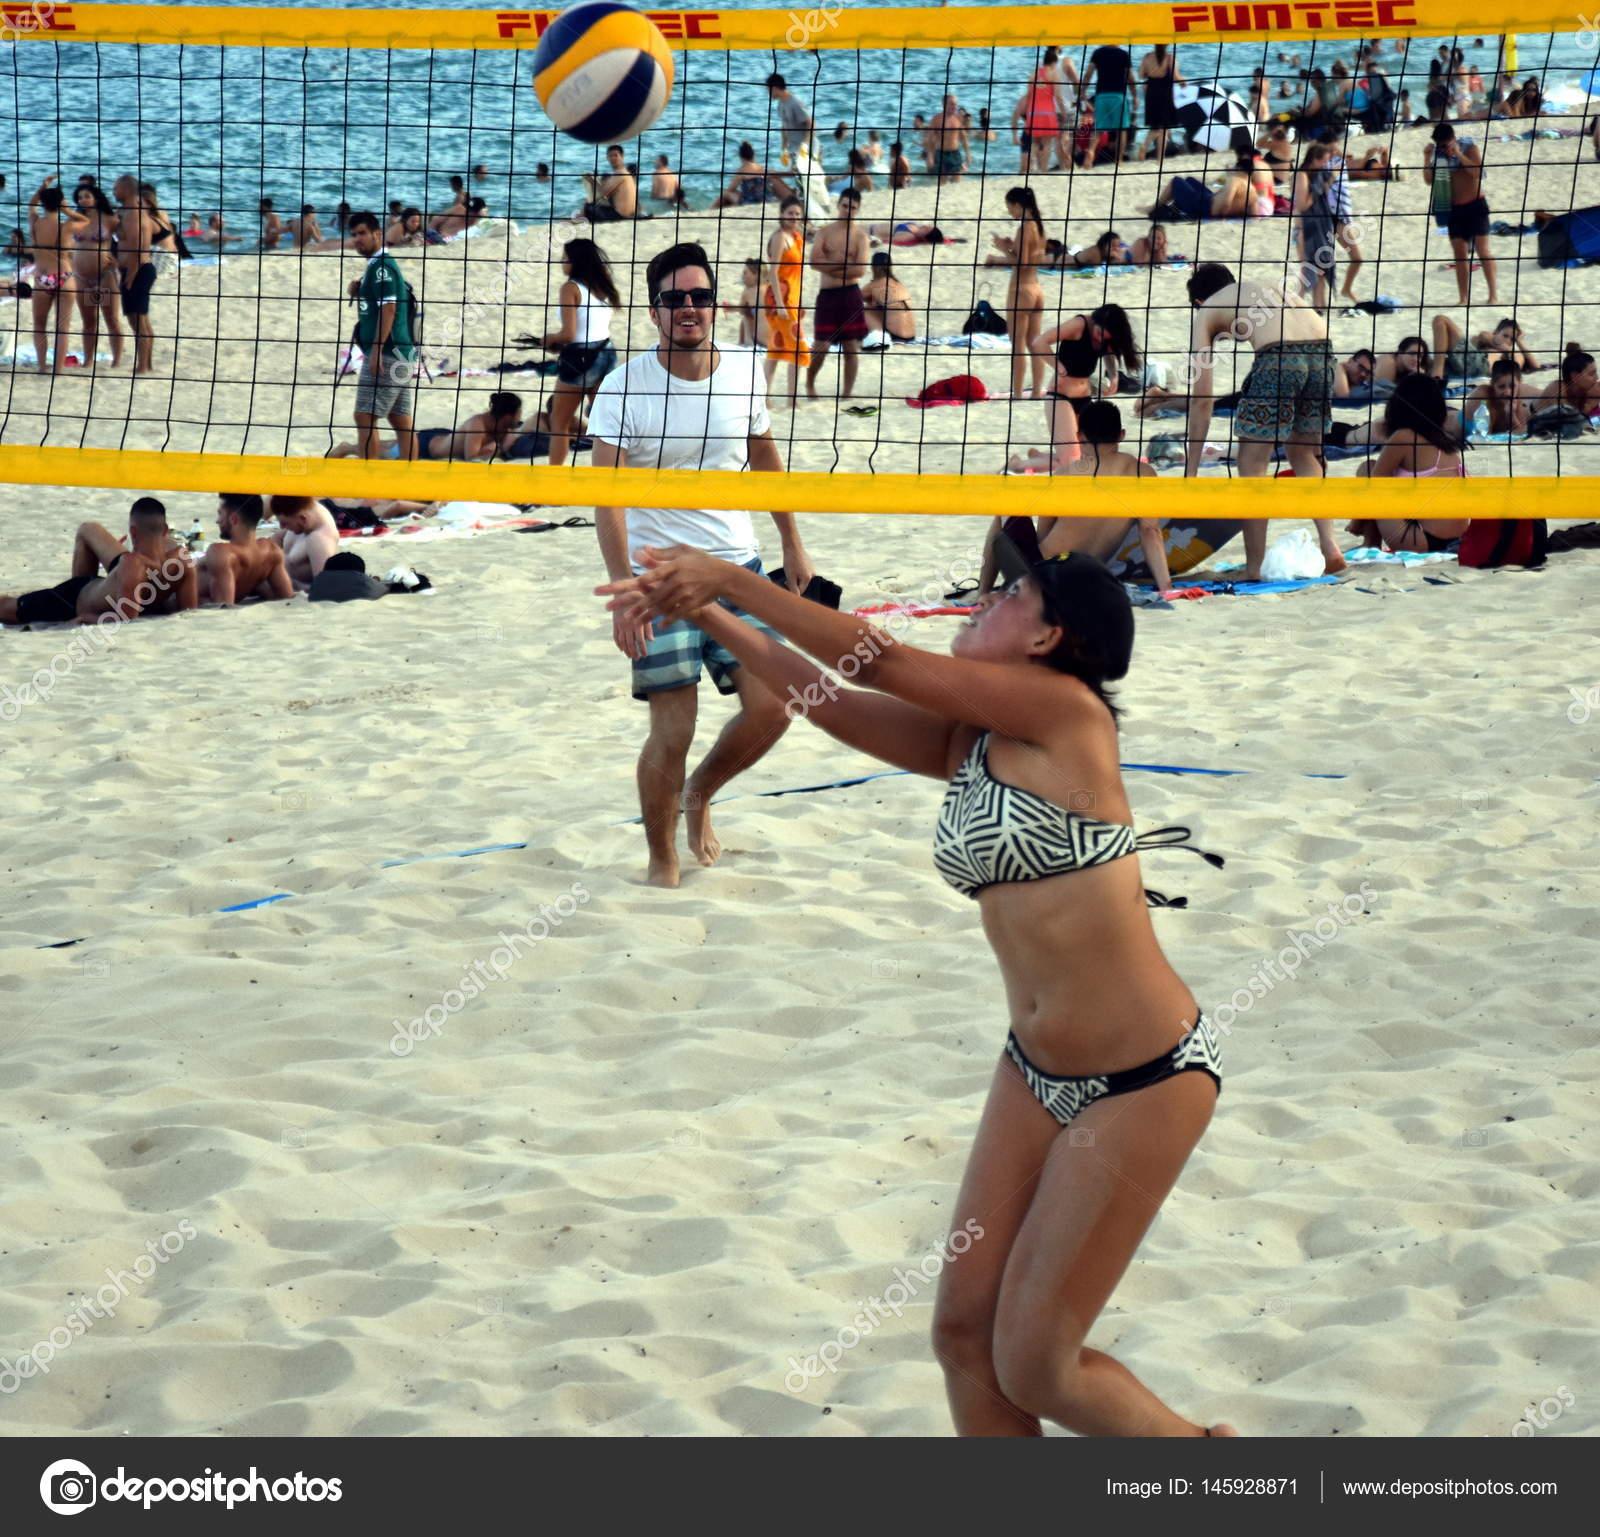 bdcb93f691 Chica en bikini jugando volley en la playa de Coogee. Mujeres y hombres que  se divierten. Juego de pelota de voley recreativo en estilo ...